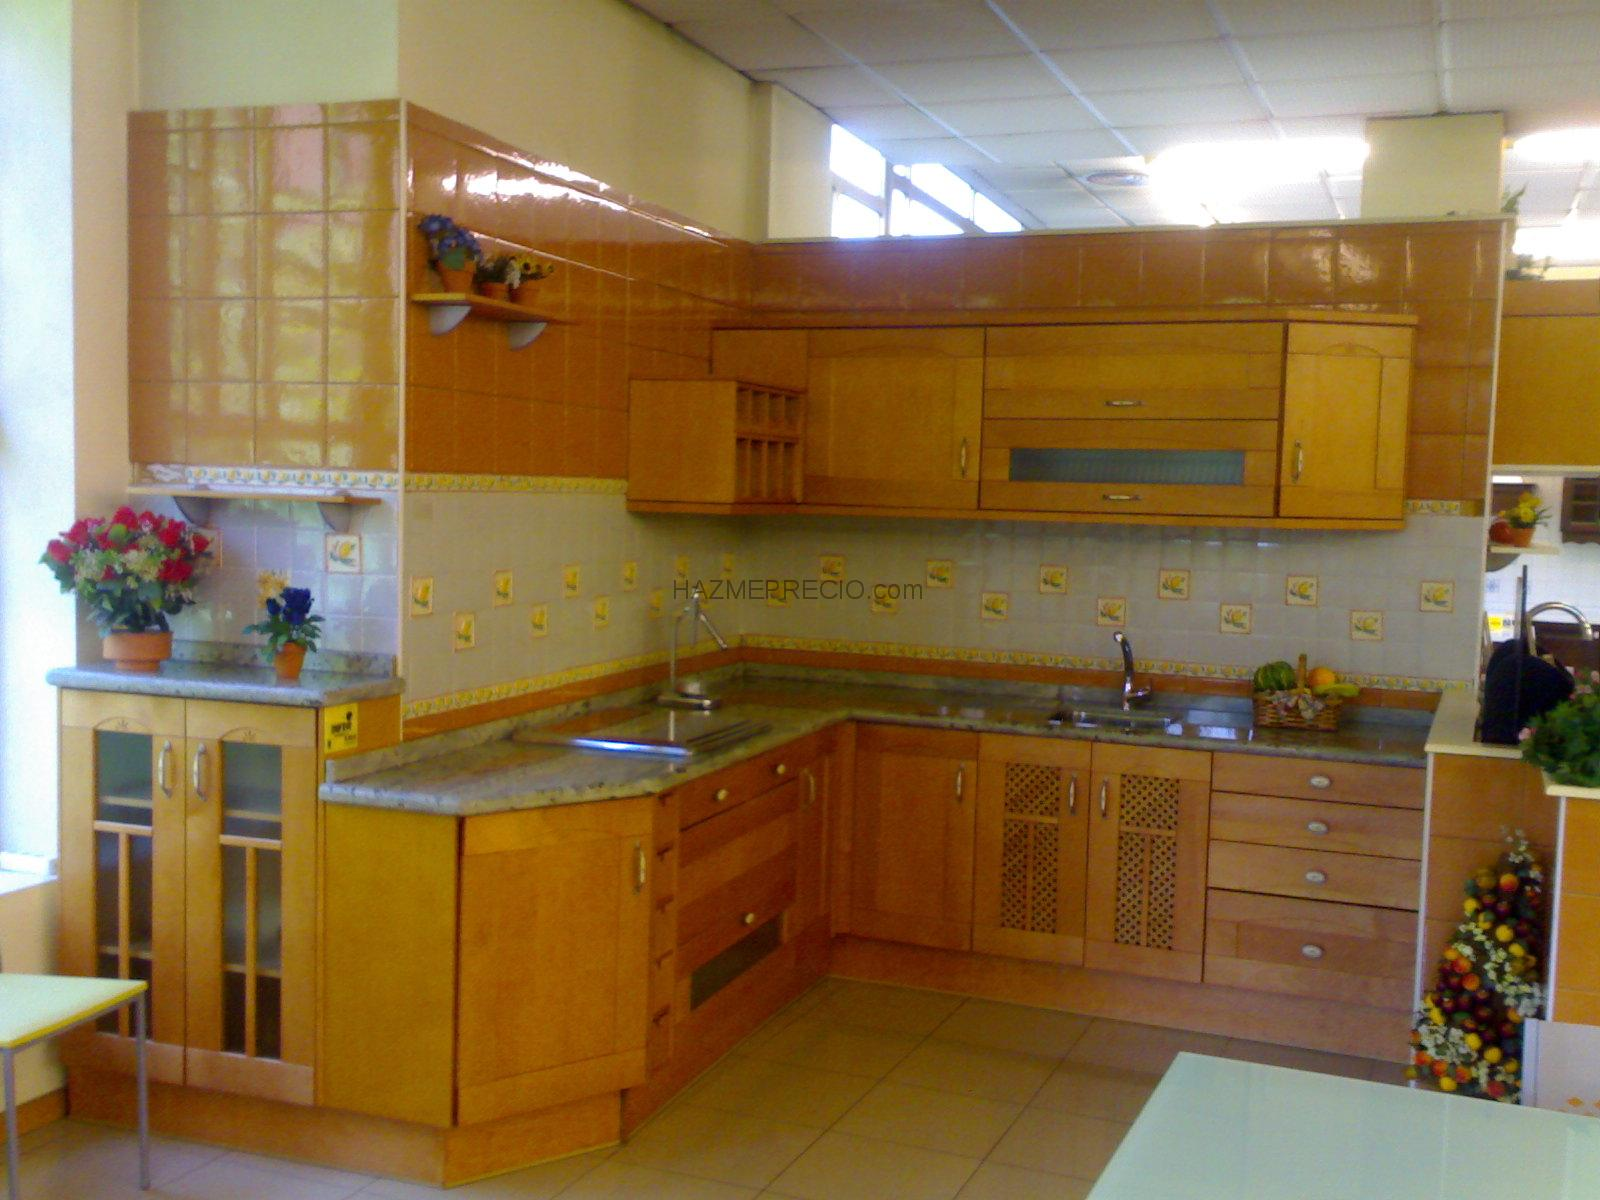 15 bonito cambiar puertas de cocina im genes cambiar - Cambiar puertas de cocina ...